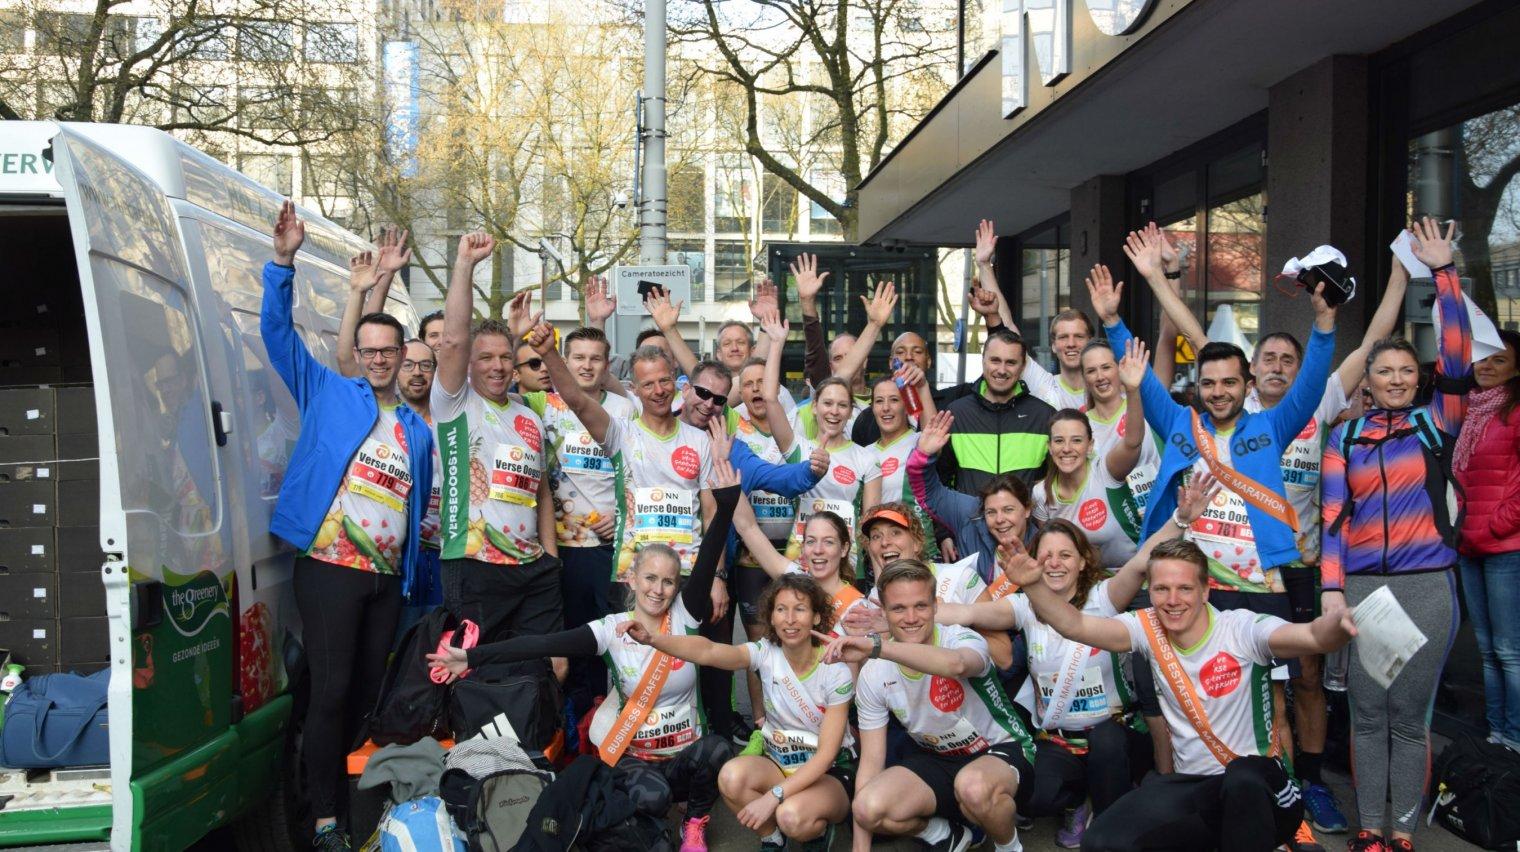 The Greenery Marathon Rotterdam